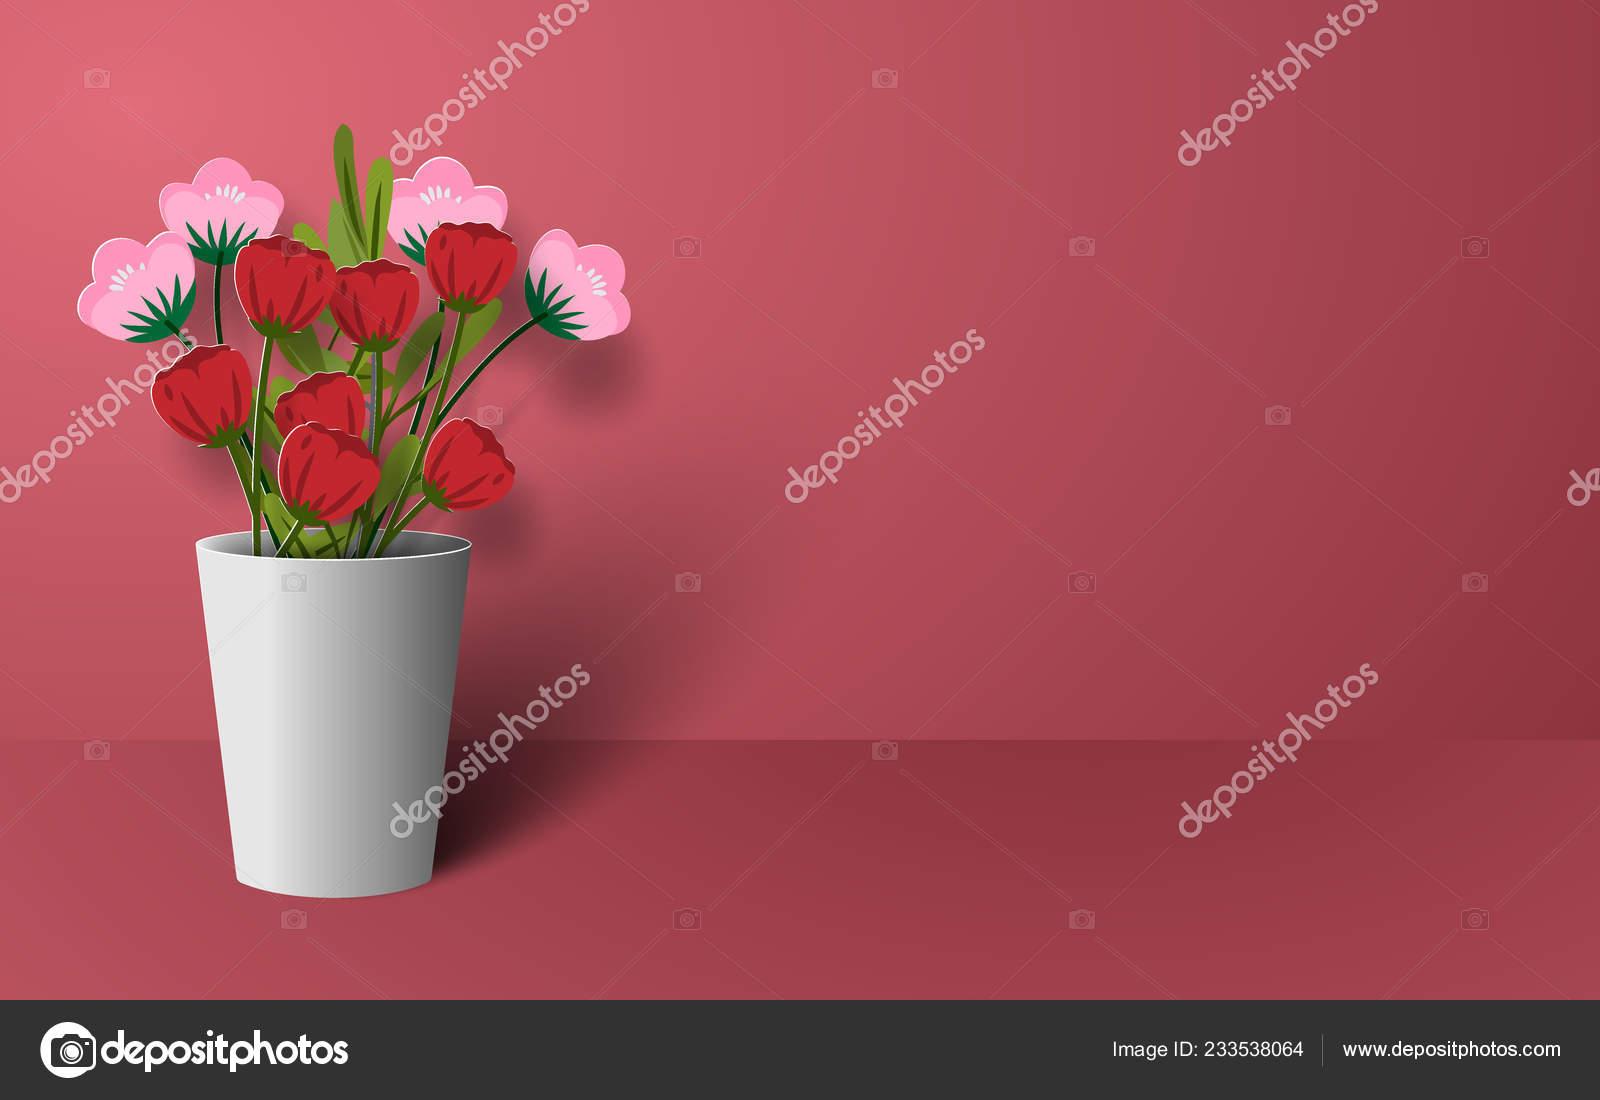 How to make 3d origami vase v19 | DIY Paper flower vase home ... | 1100x1600